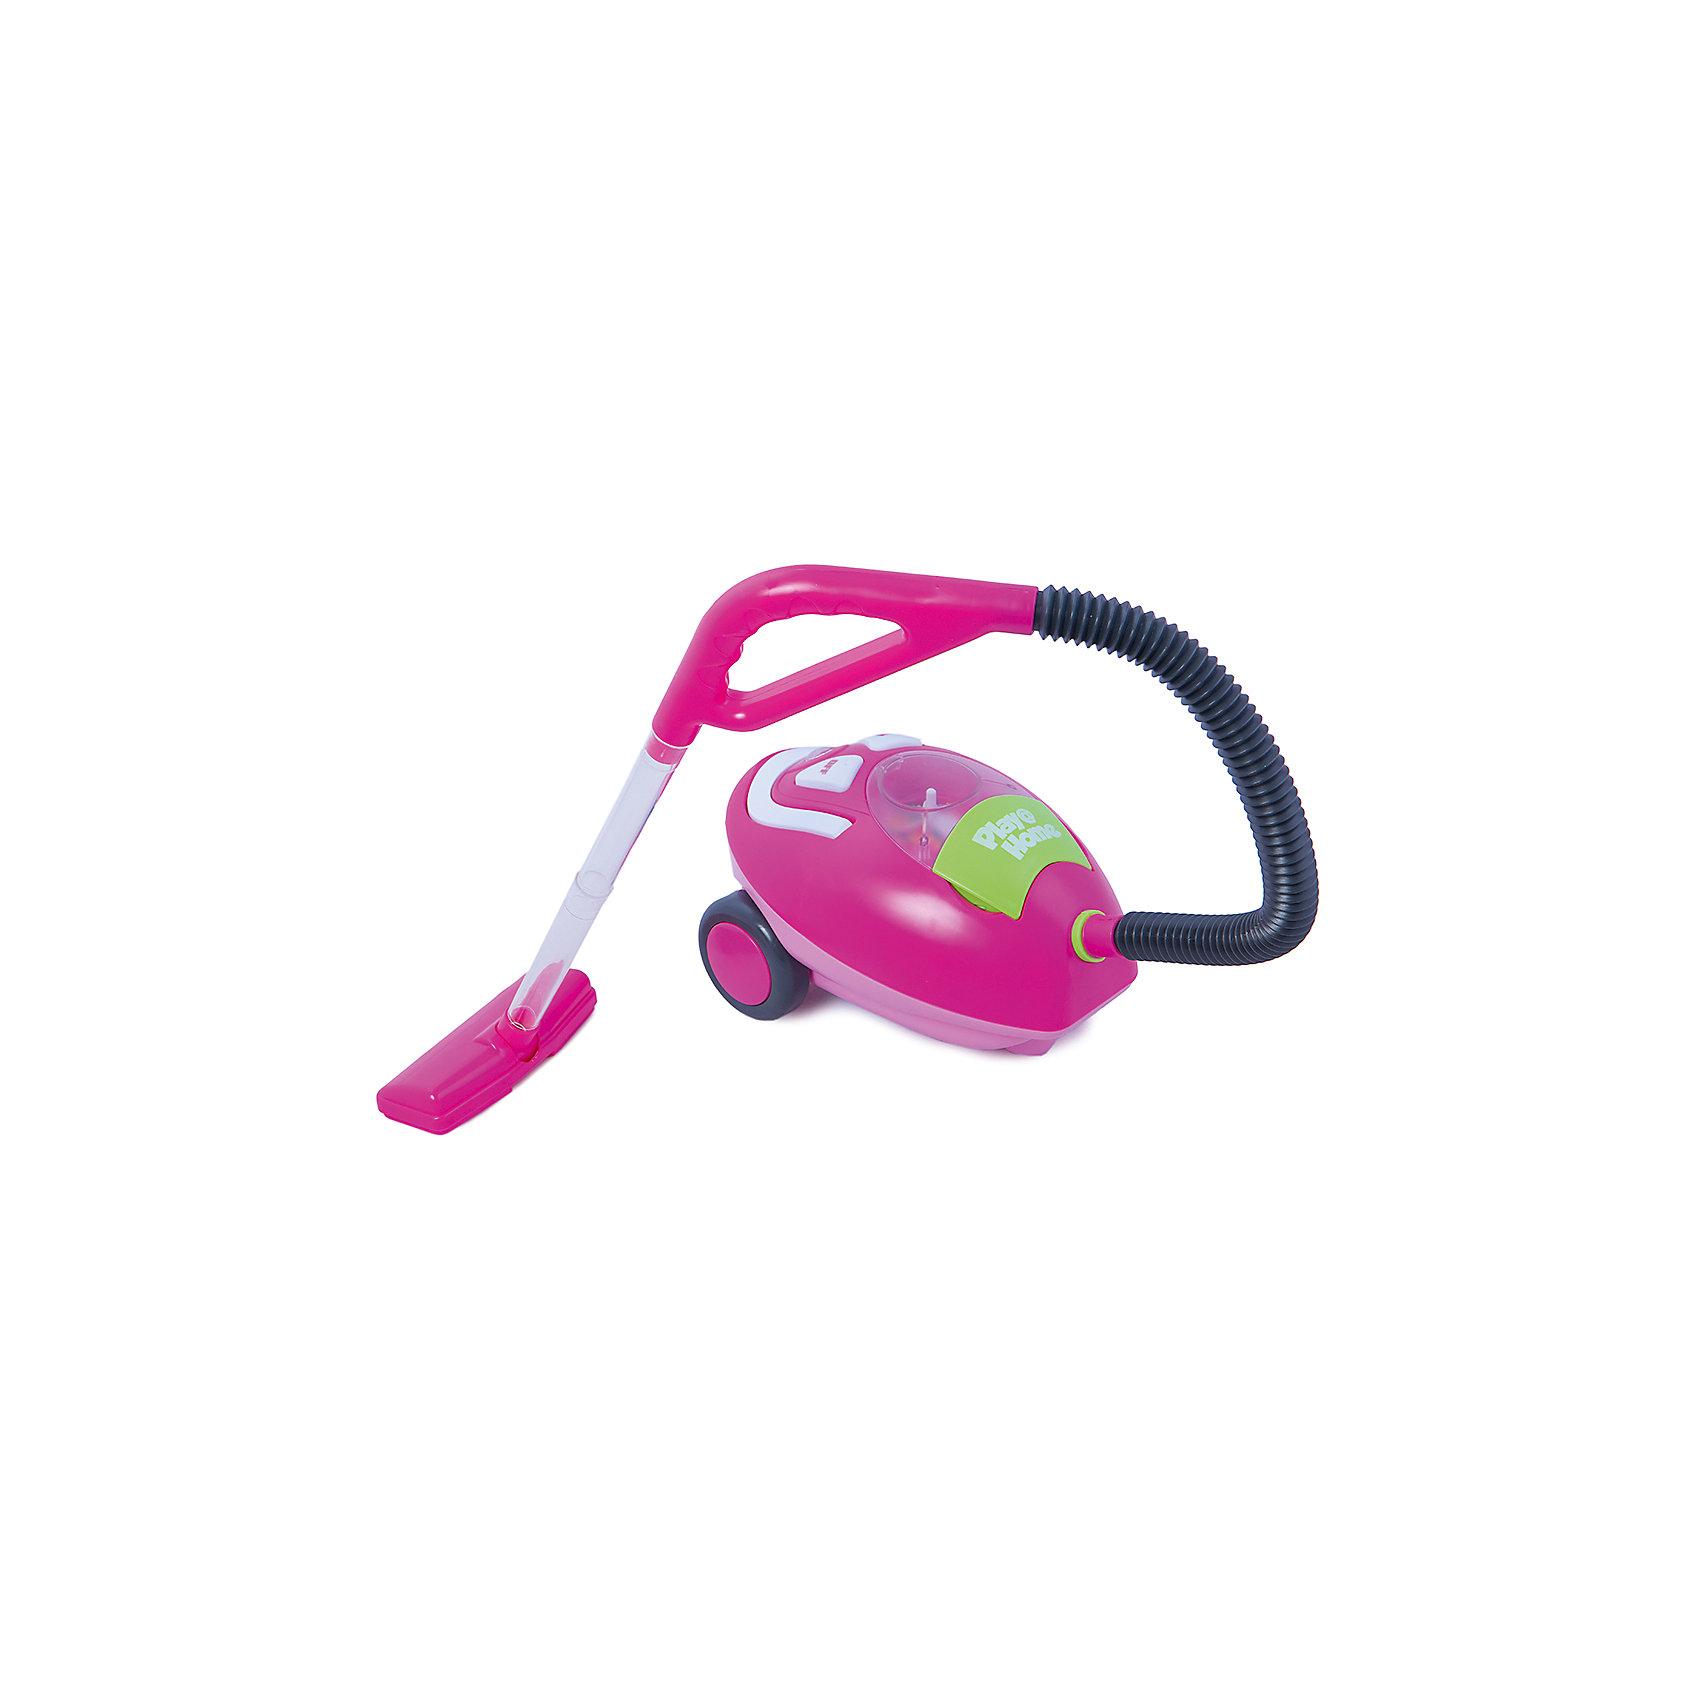 Пылесос, KeenwayИгрушечная бытовая техника<br>Этот пылесос выглядит как настоящий и ,несомненно, порадует любую девочку. Позвольте малышке почувствовать себя настоящей хозяйкой! Пылесос передвигается с помощью двух больших колес, при включении  загорается лампочка, игрушка начинает работать и жужжать, а спрятанные внутри шарики перемещаются в своем отсеке, создавая иллюзию всасывания мусора и уборки. Пылесос может всасывать мелкий мусор, который собирается в специальный отсек. Игрушка выполнена из высококачественного пластика, не имеют острых углов, безопасна для детей. Игровые наборы Маленькая хозяюшка развивают социальные навыки, прививают у ребенка любовь к труду. <br><br>Дополнительная информация:<br><br>- Комплектация: элементы пылесоса и набор шариков.<br>- Размер пылесоса: 27х14х16 см.<br>- Размер насадки: 15х6,5х3 см.<br>- Длина шланга с ручкой: 60 см. <br>- Удобная ручка для переноски. <br>- Световые, звуковые эффекты.<br>- Может всасывать мелкий мусор.<br>- Элемент питания: 3 С батарейки  (в комплект не входят).<br><br>Пылесос, Keenway, можно купить в нашем магазине.<br><br>Ширина мм: 170<br>Глубина мм: 230<br>Высота мм: 340<br>Вес г: 1395<br>Возраст от месяцев: 36<br>Возраст до месяцев: 84<br>Пол: Женский<br>Возраст: Детский<br>SKU: 4345022